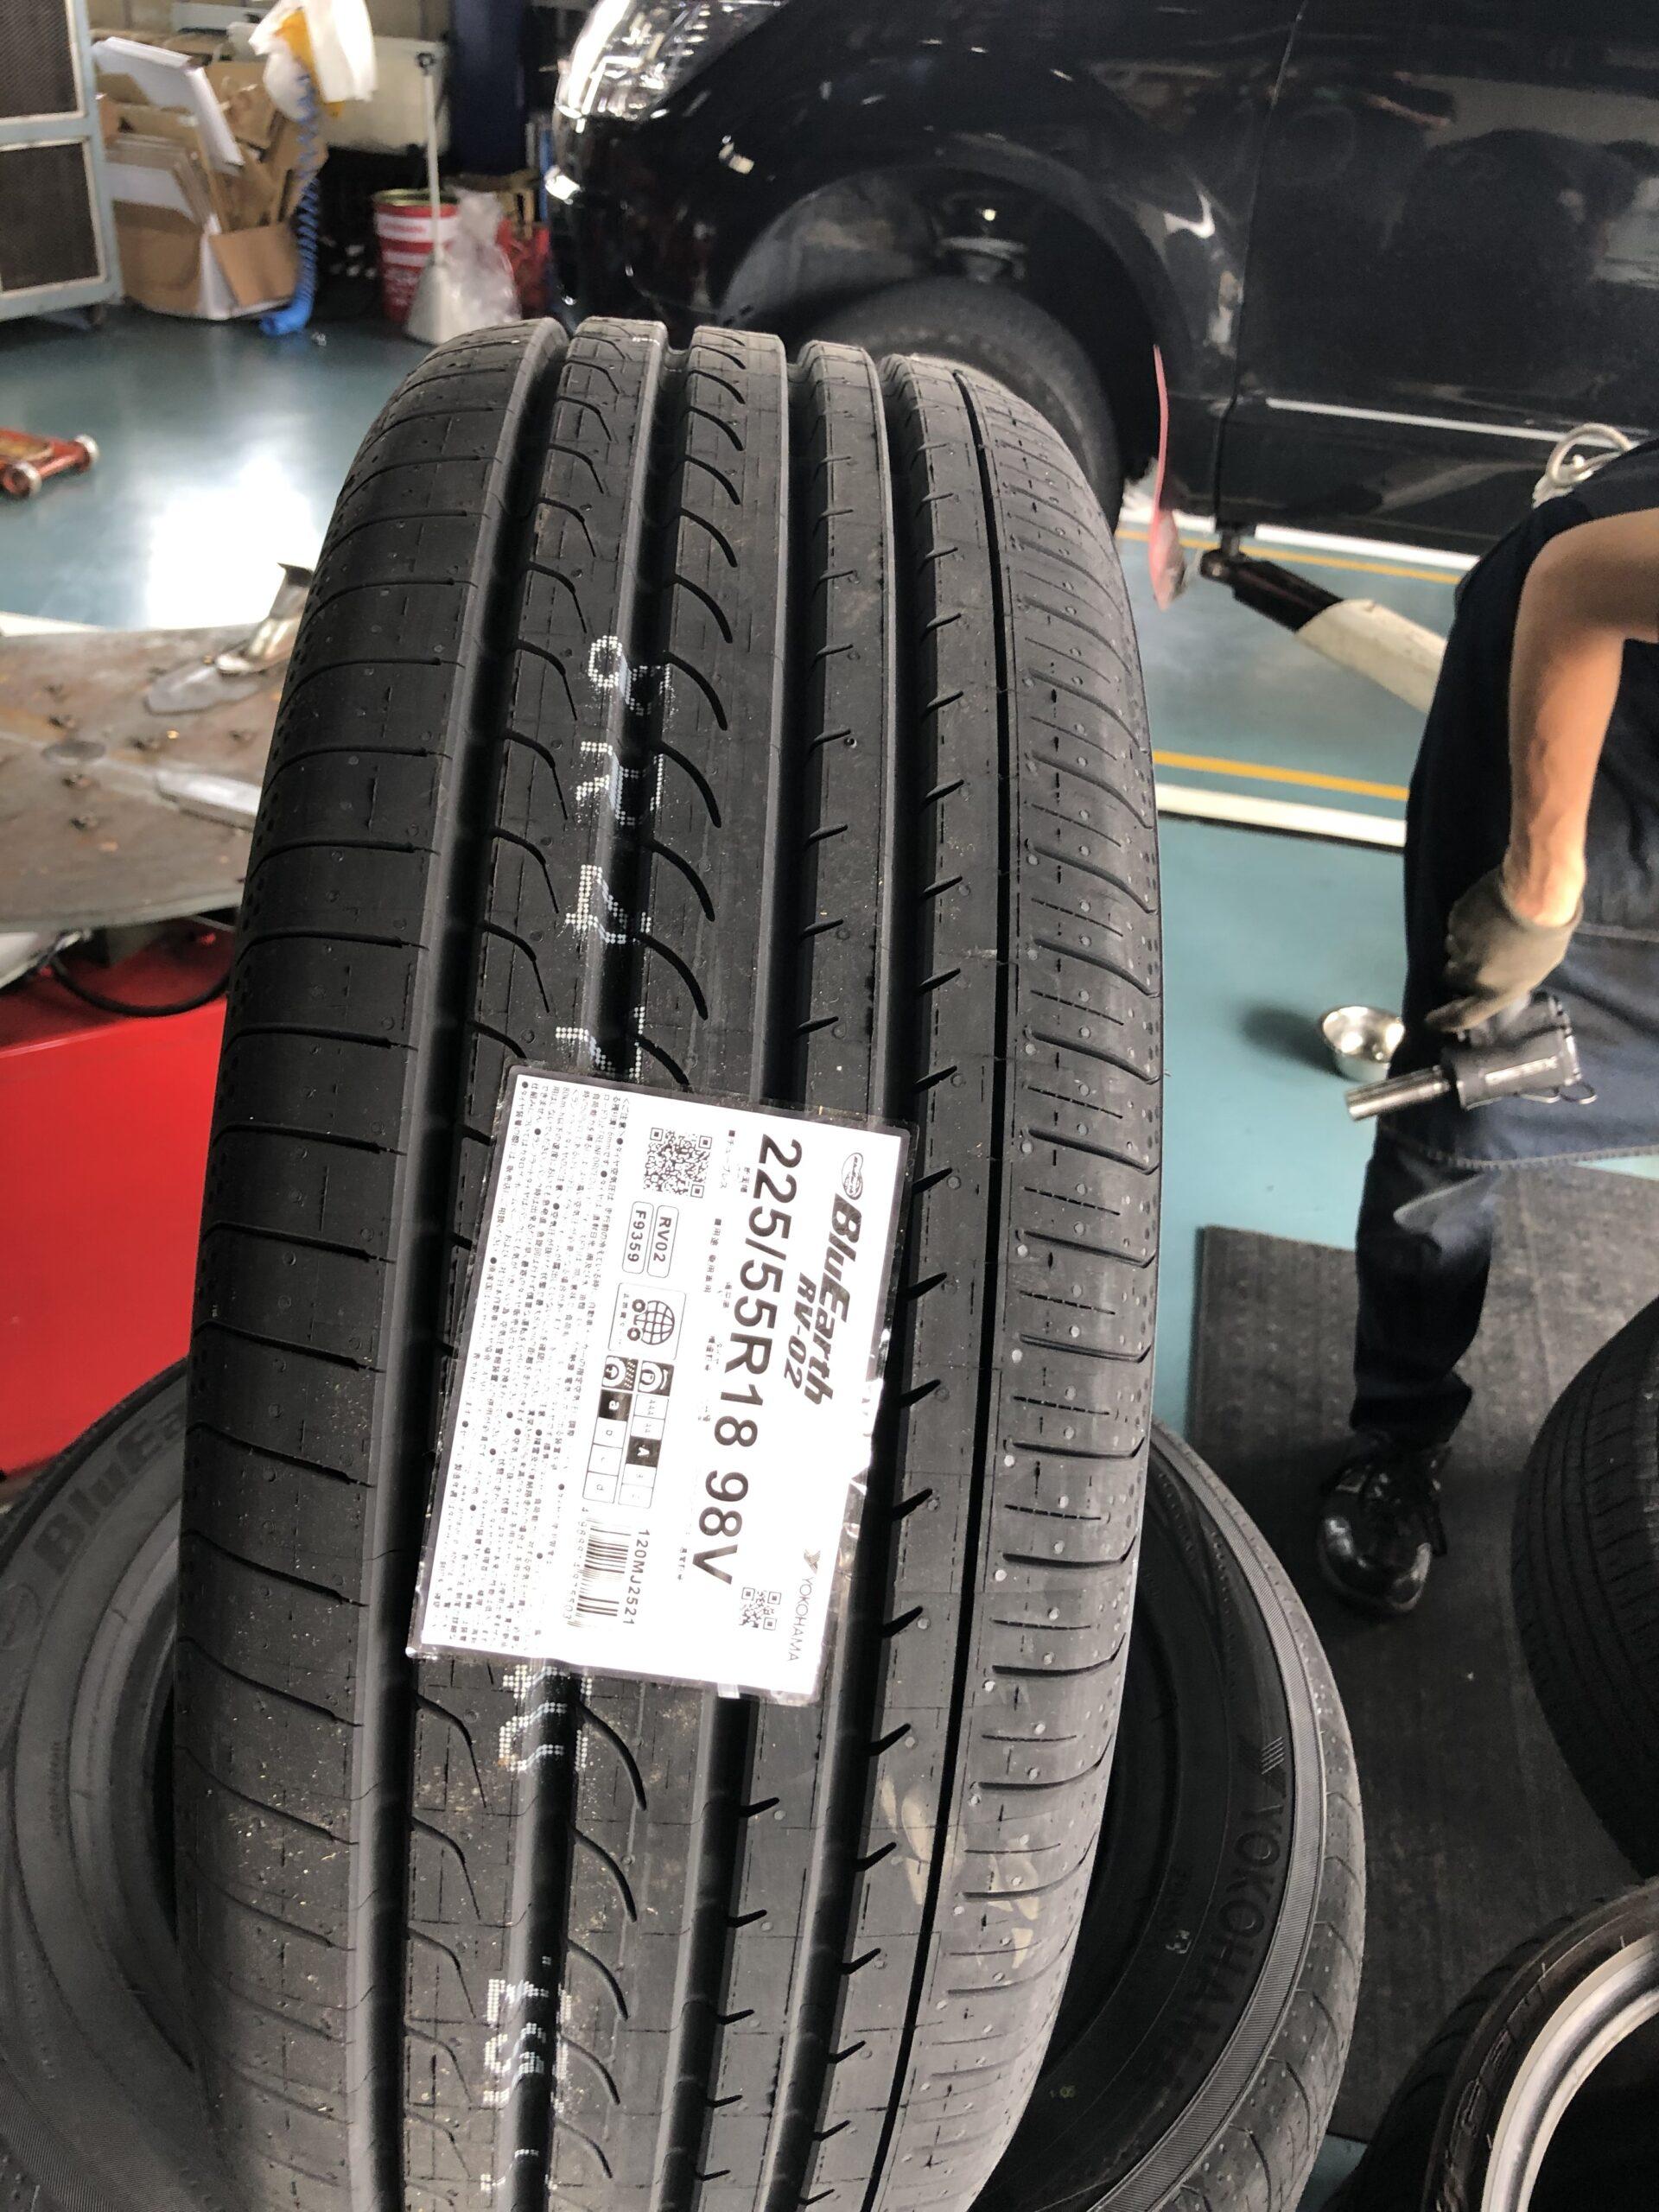 デリカD5 タイヤ交換